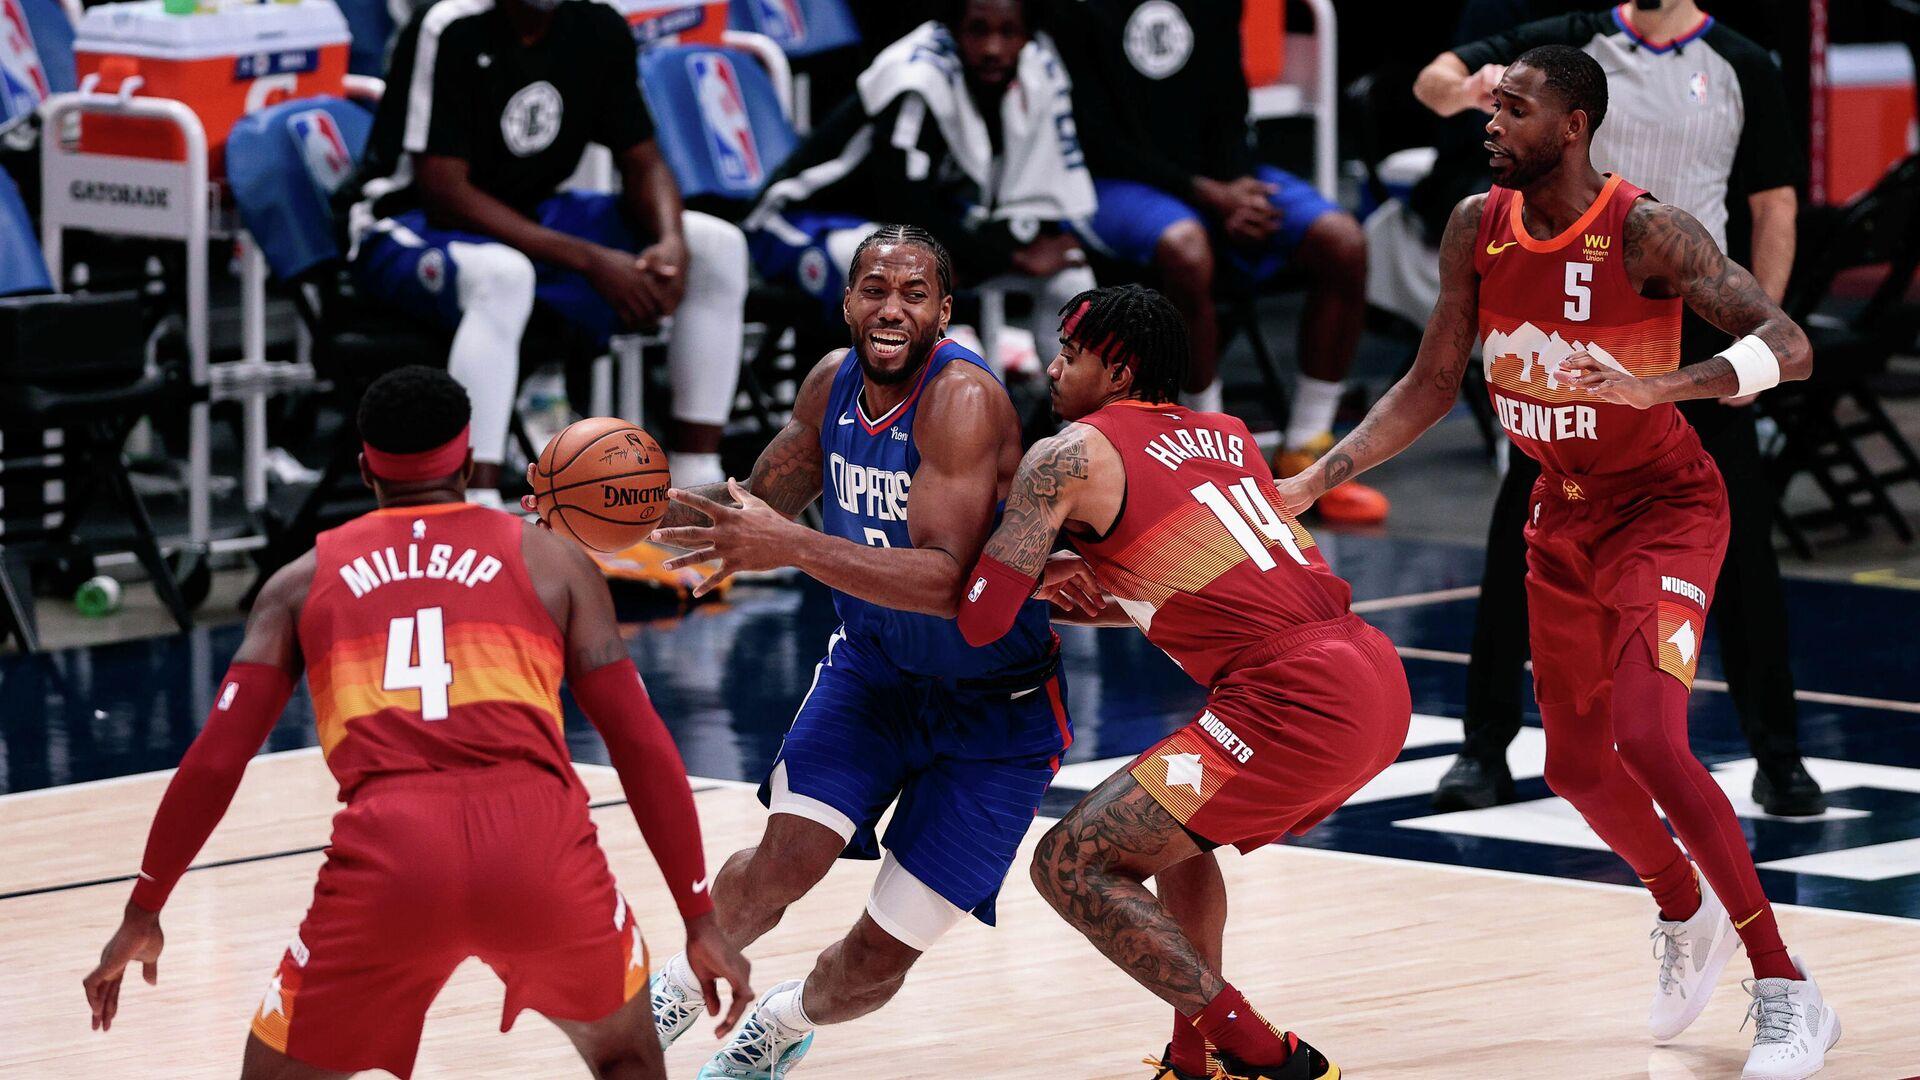 Игровой момент матча НБА Лос-Анджелес Клипперс - Денвер - РИА Новости, 1920, 26.12.2020